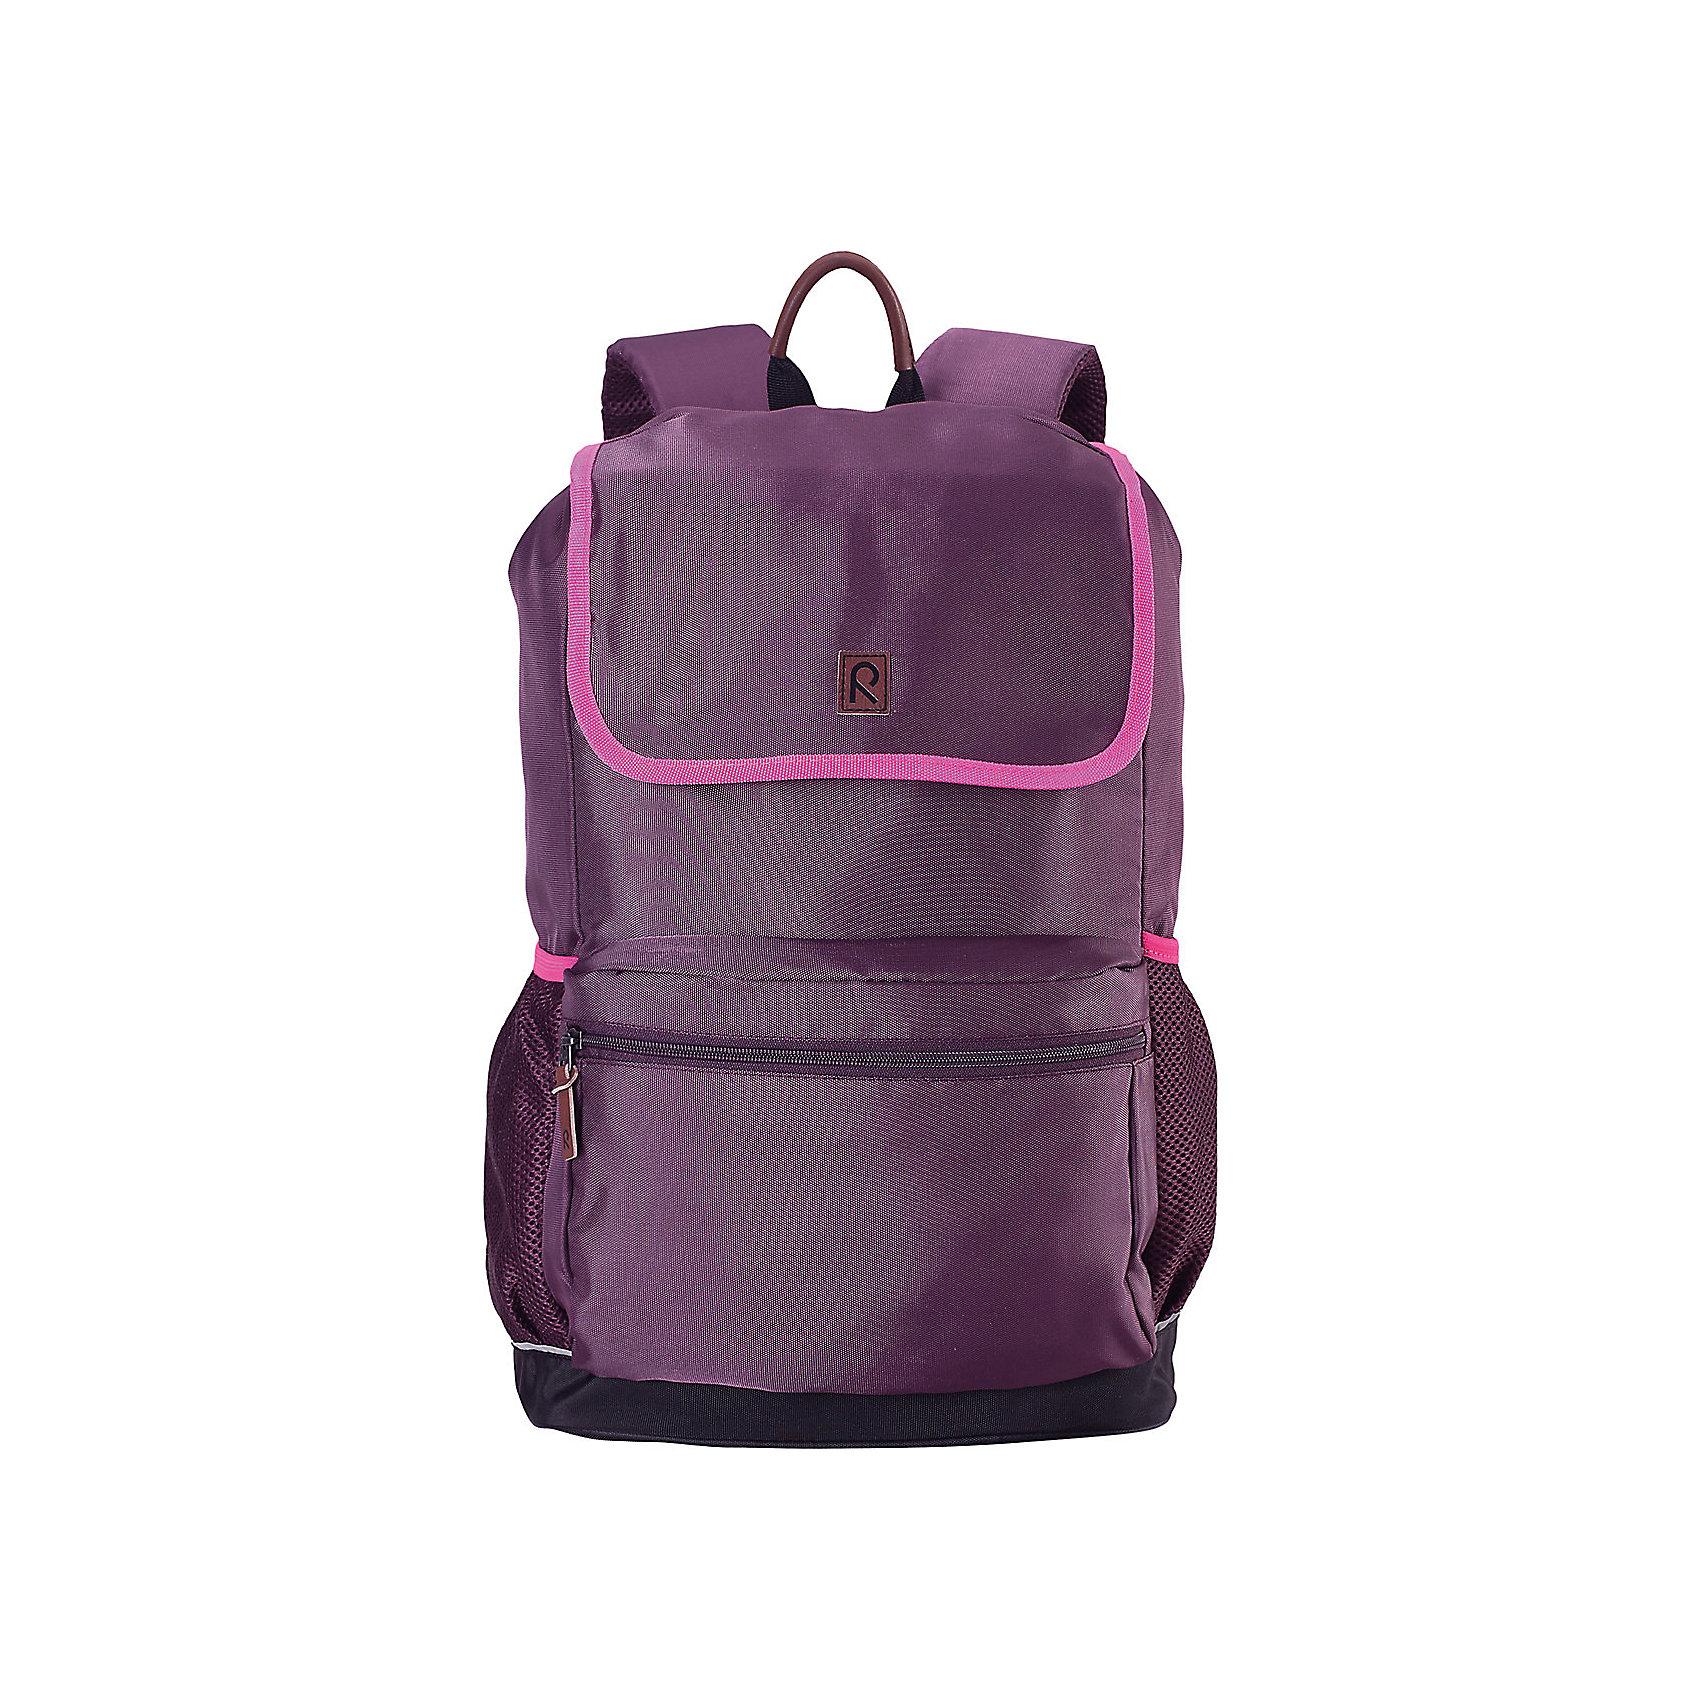 Рюкзак Pakaten для девочки ReimaАксессуары<br>Рюкзак  Reima<br>Рюкзак для детей и подростковВерх из текстиляРазмер L/ 16 л (29 см ? 17 см ? 46 см)Удобные стеганые задние панели способствуют дополнительной амортизацииНапечатанная табличка для имениСъемная нагрудная лямка для распределения весаРегулируемые эргономичные стеганые плечевые ремешкиВодонепроницаемое дноКарман для ноутбукаВозрастные рекомендации: 7+Светоотражающие деталиБез ПХВ<br>Уход:<br>Стирать по отдельности. Стирать моющим средством, не содержащим отбеливающие вещества. Полоскать без специального средства. Сушить при низкой температуре. Деликатная стирка 40° C.<br>Состав:<br>100% ПА, ПУ-покрытие<br><br>Ширина мм: 170<br>Глубина мм: 157<br>Высота мм: 67<br>Вес г: 117<br>Цвет: фиолетовый<br>Возраст от месяцев: 36<br>Возраст до месяцев: 144<br>Пол: Женский<br>Возраст: Детский<br>Размер: one size<br>SKU: 4779572